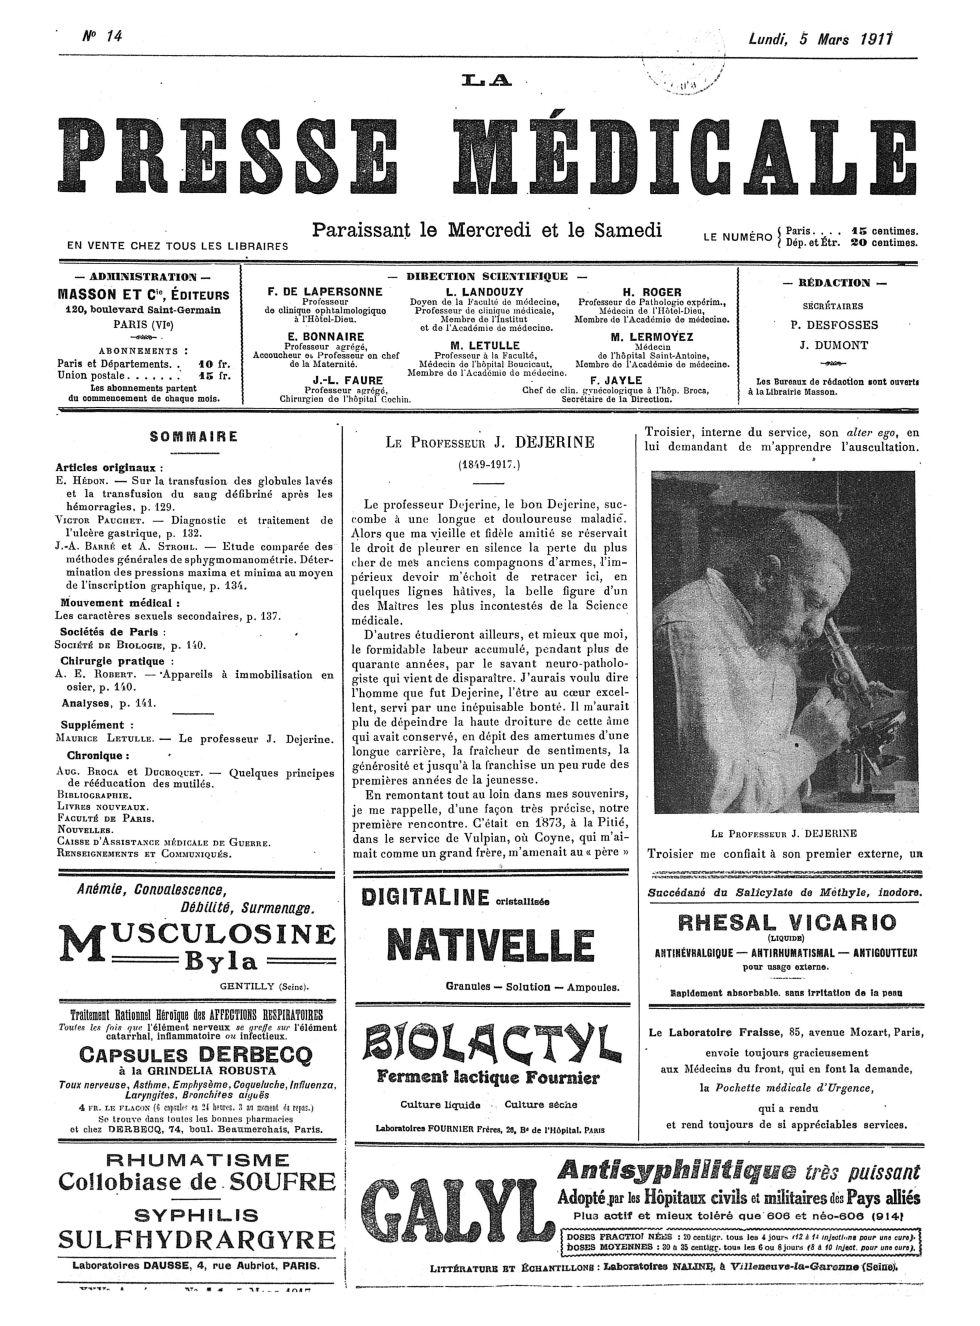 Le Professeur J. Dejerine - La Presse médicale - [Volume d'annexes] -  - med100000x1917xannexesx0137